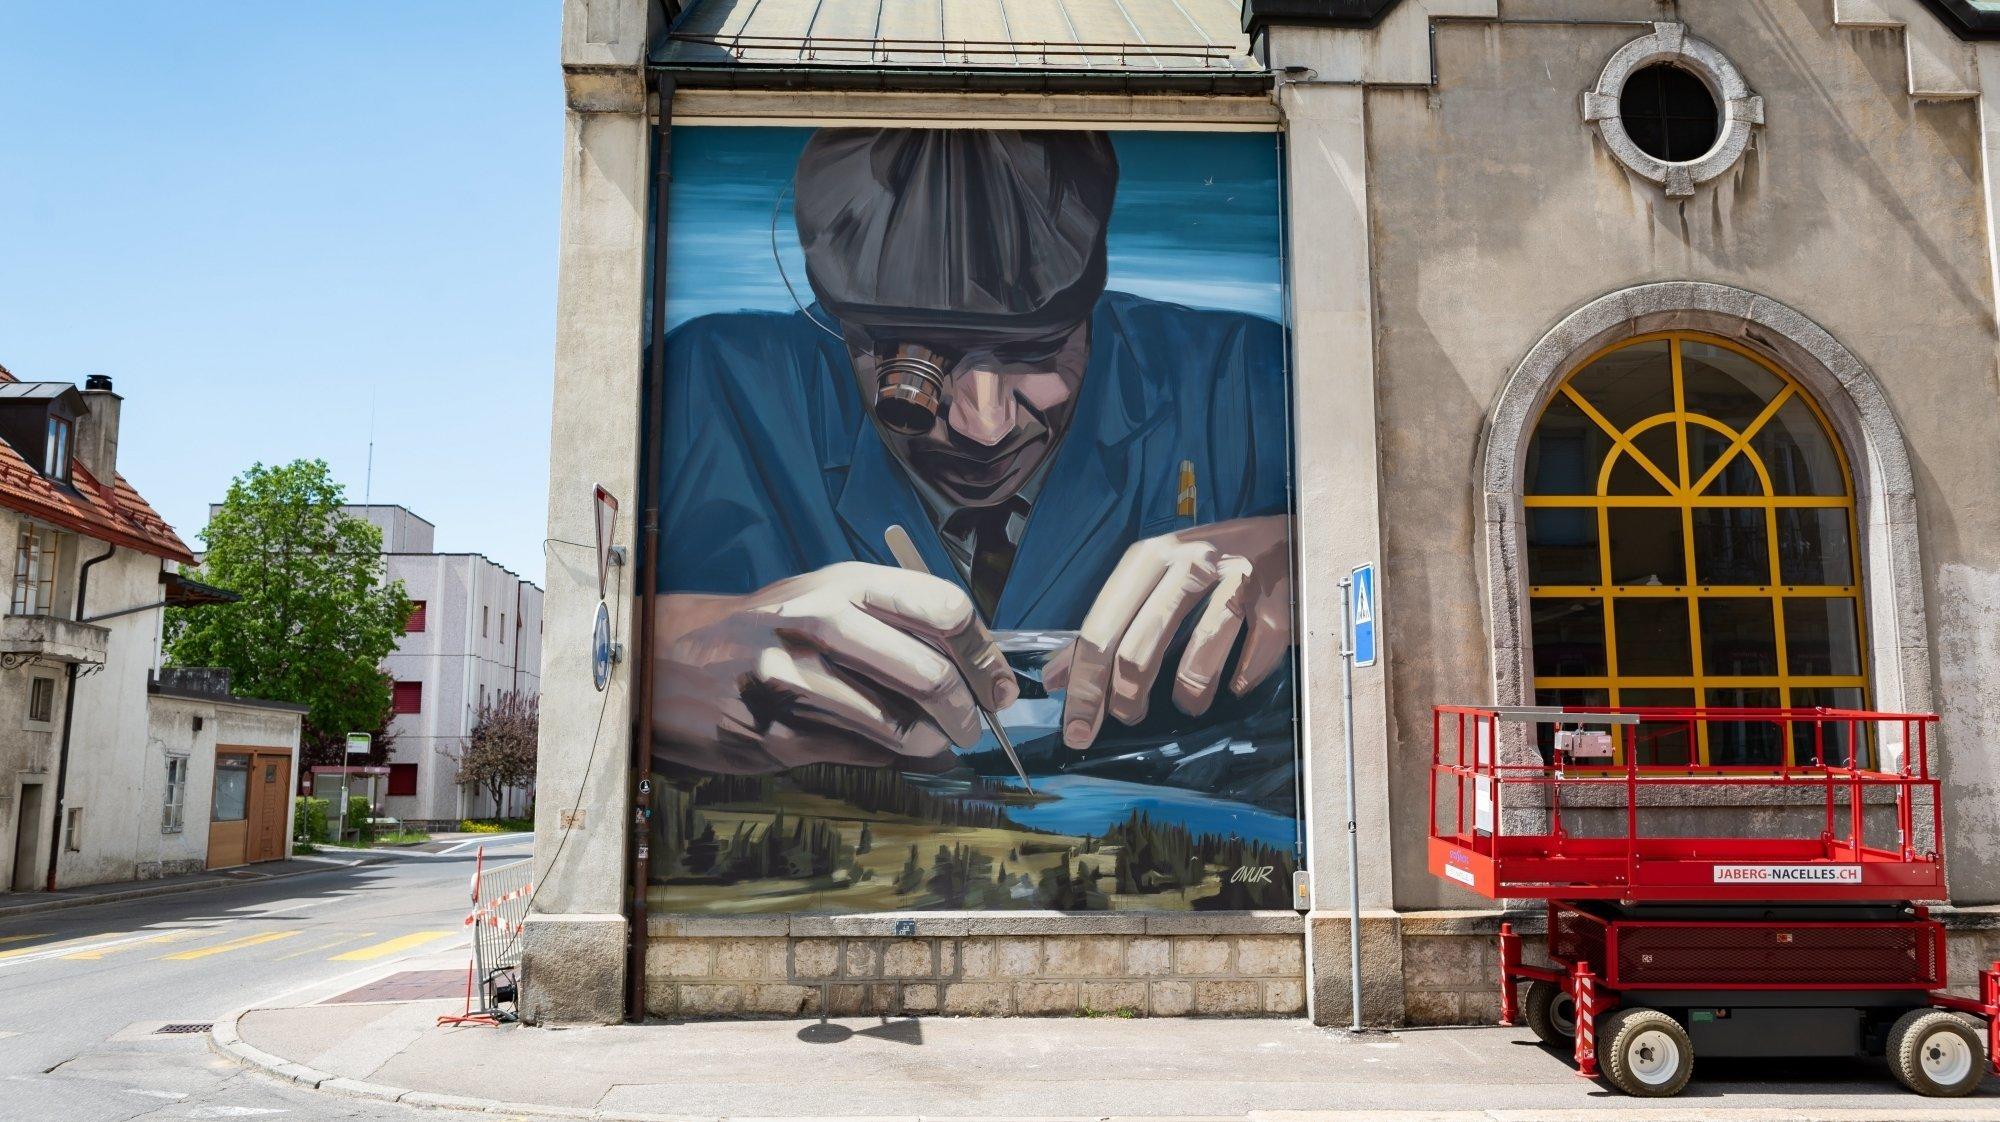 La fresque de 30 mètres carrés réalisée par l'artiste Onur, au Locle.